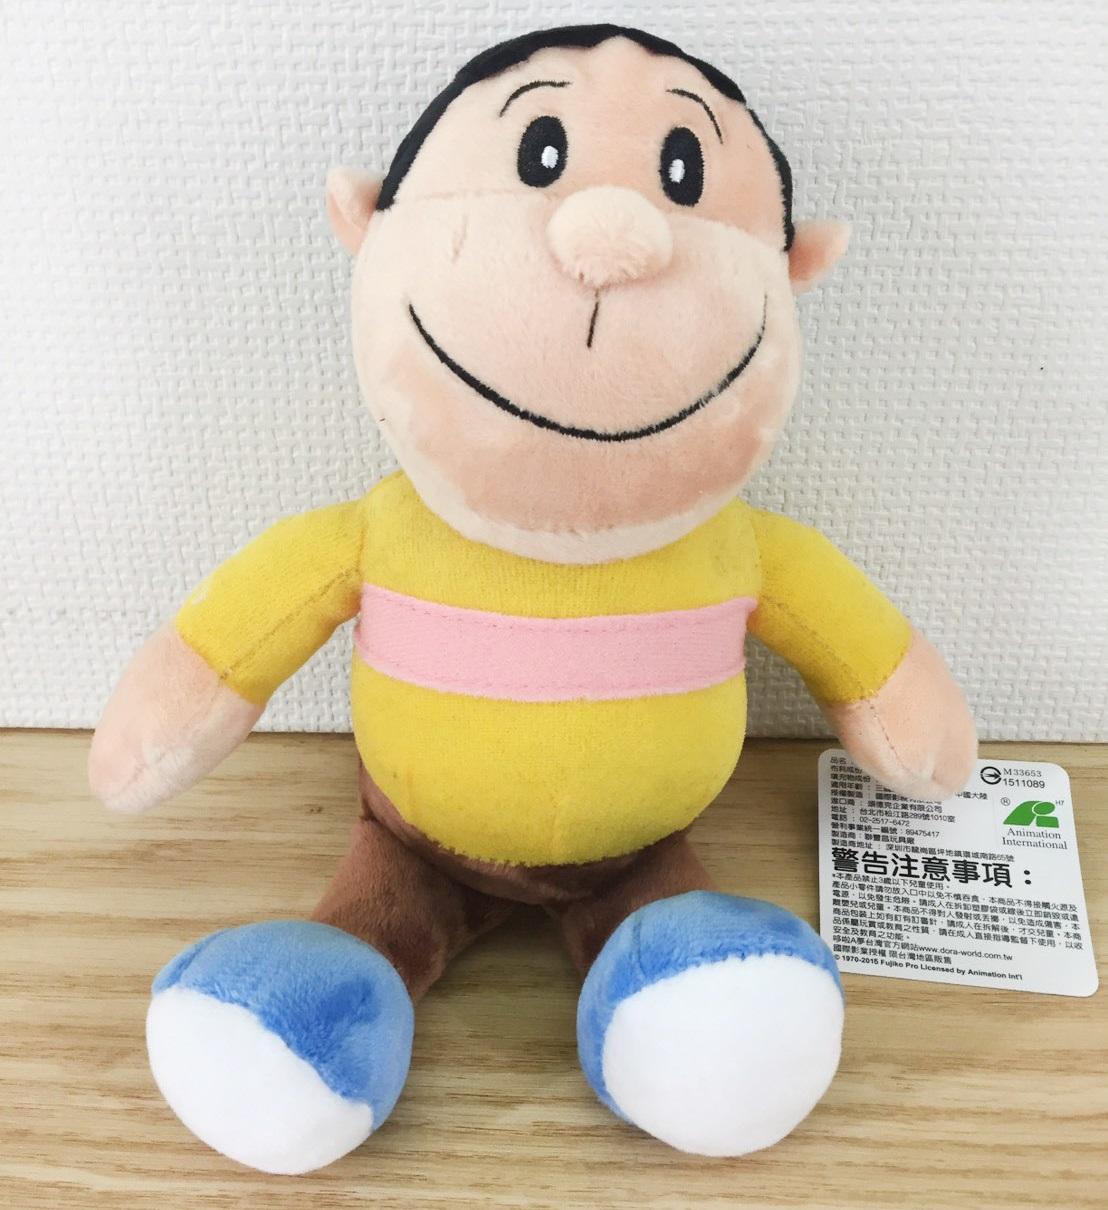 【真愛日本】160404000016吋全身-胖虎   多拉A夢 小叮噹 大雄 娃娃 公仔 絨毛娃娃